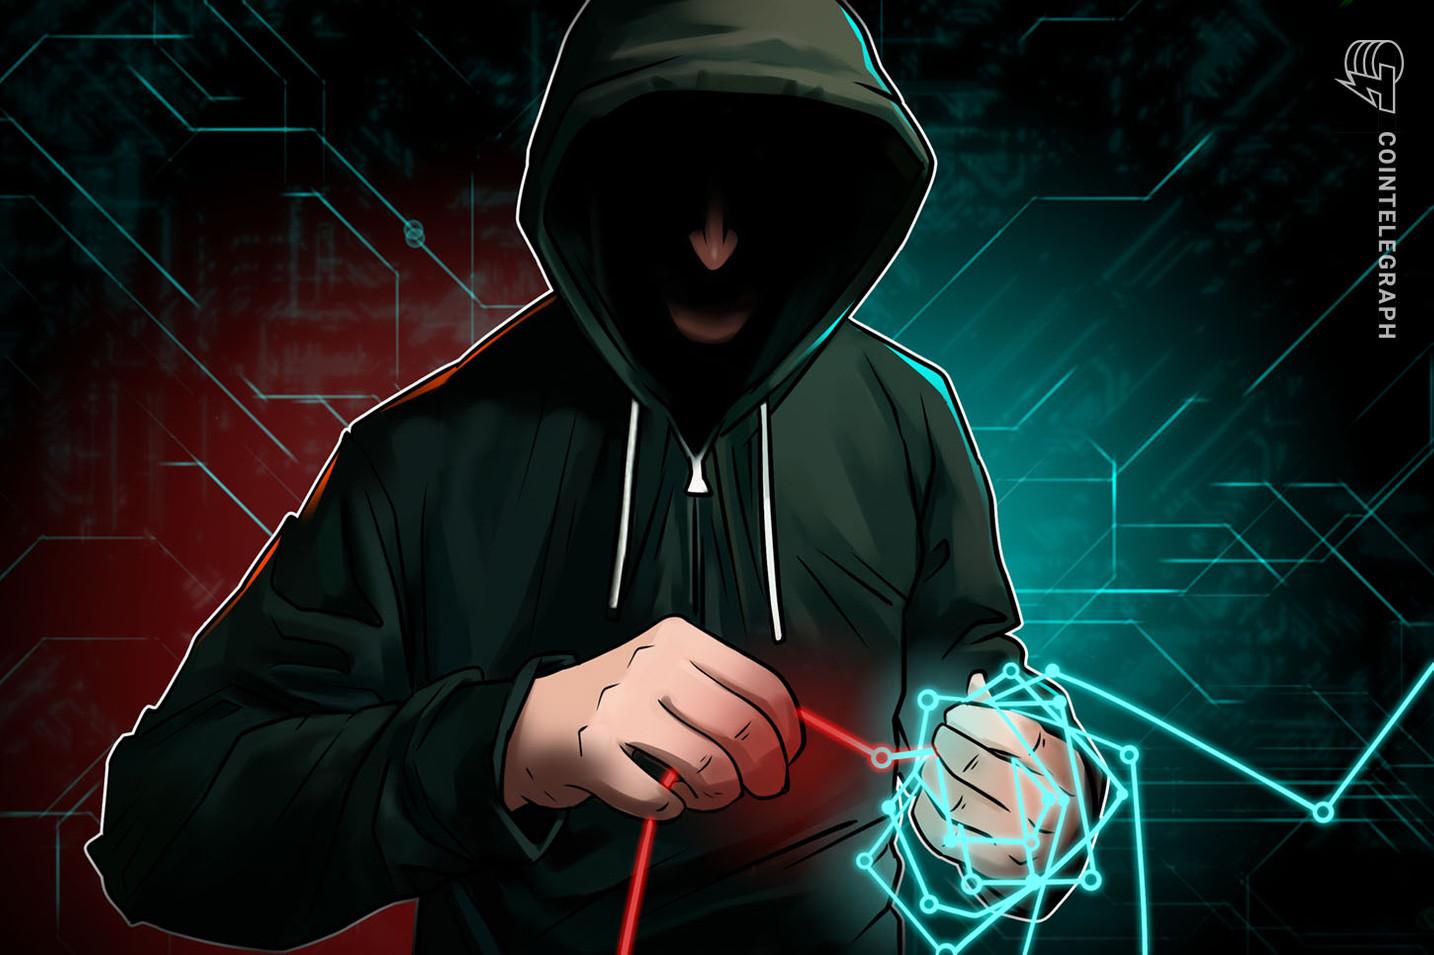 'Bitcoin ha revolucionado la delincuencia online y nadie está a salvo', dice el ex director de seguridad de Facebook